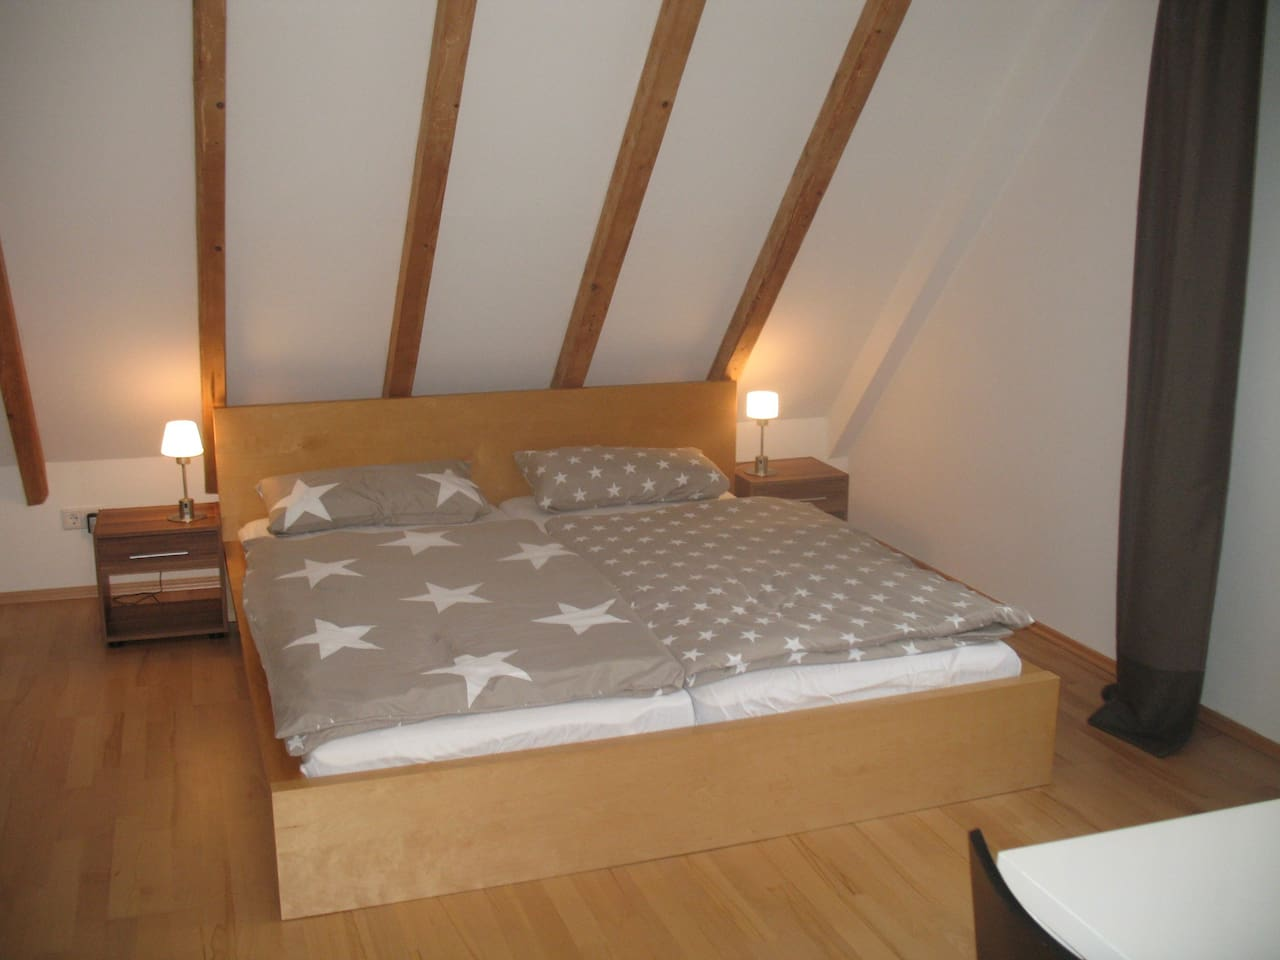 Gemütliches und geräumiges Schlafzimmer; großer Kleiderschrank, Ablagemöglichkeiten.